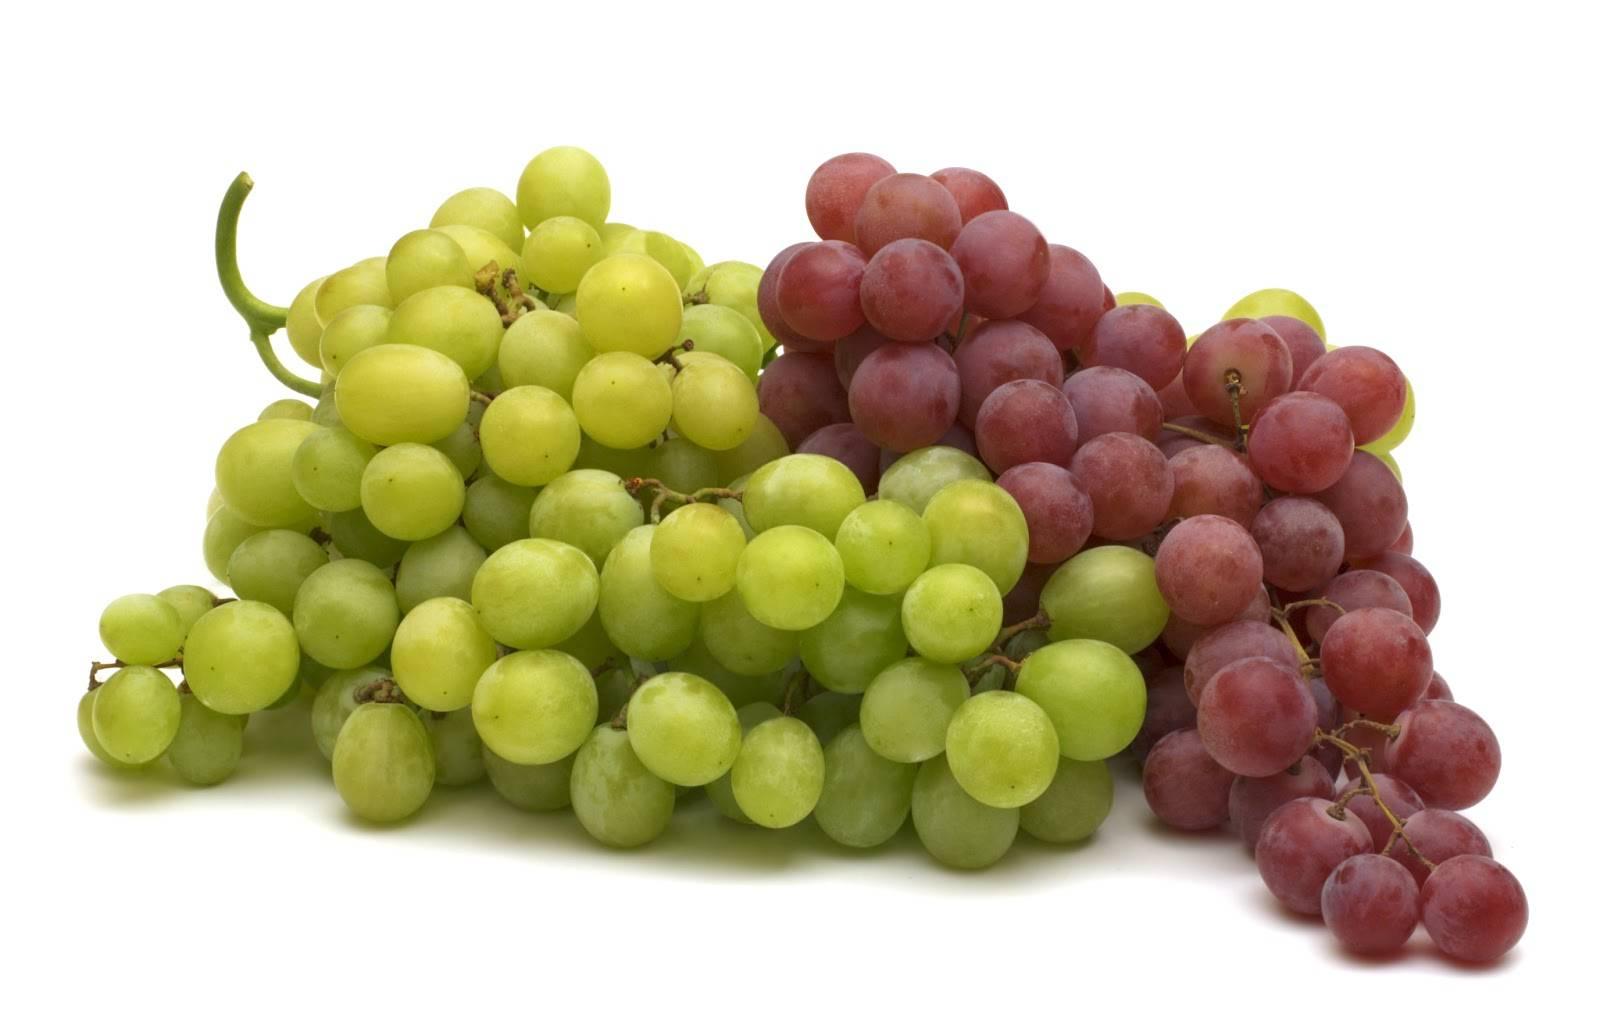 Mangiare l'uva aiuta a prevenire l'Alzheimer